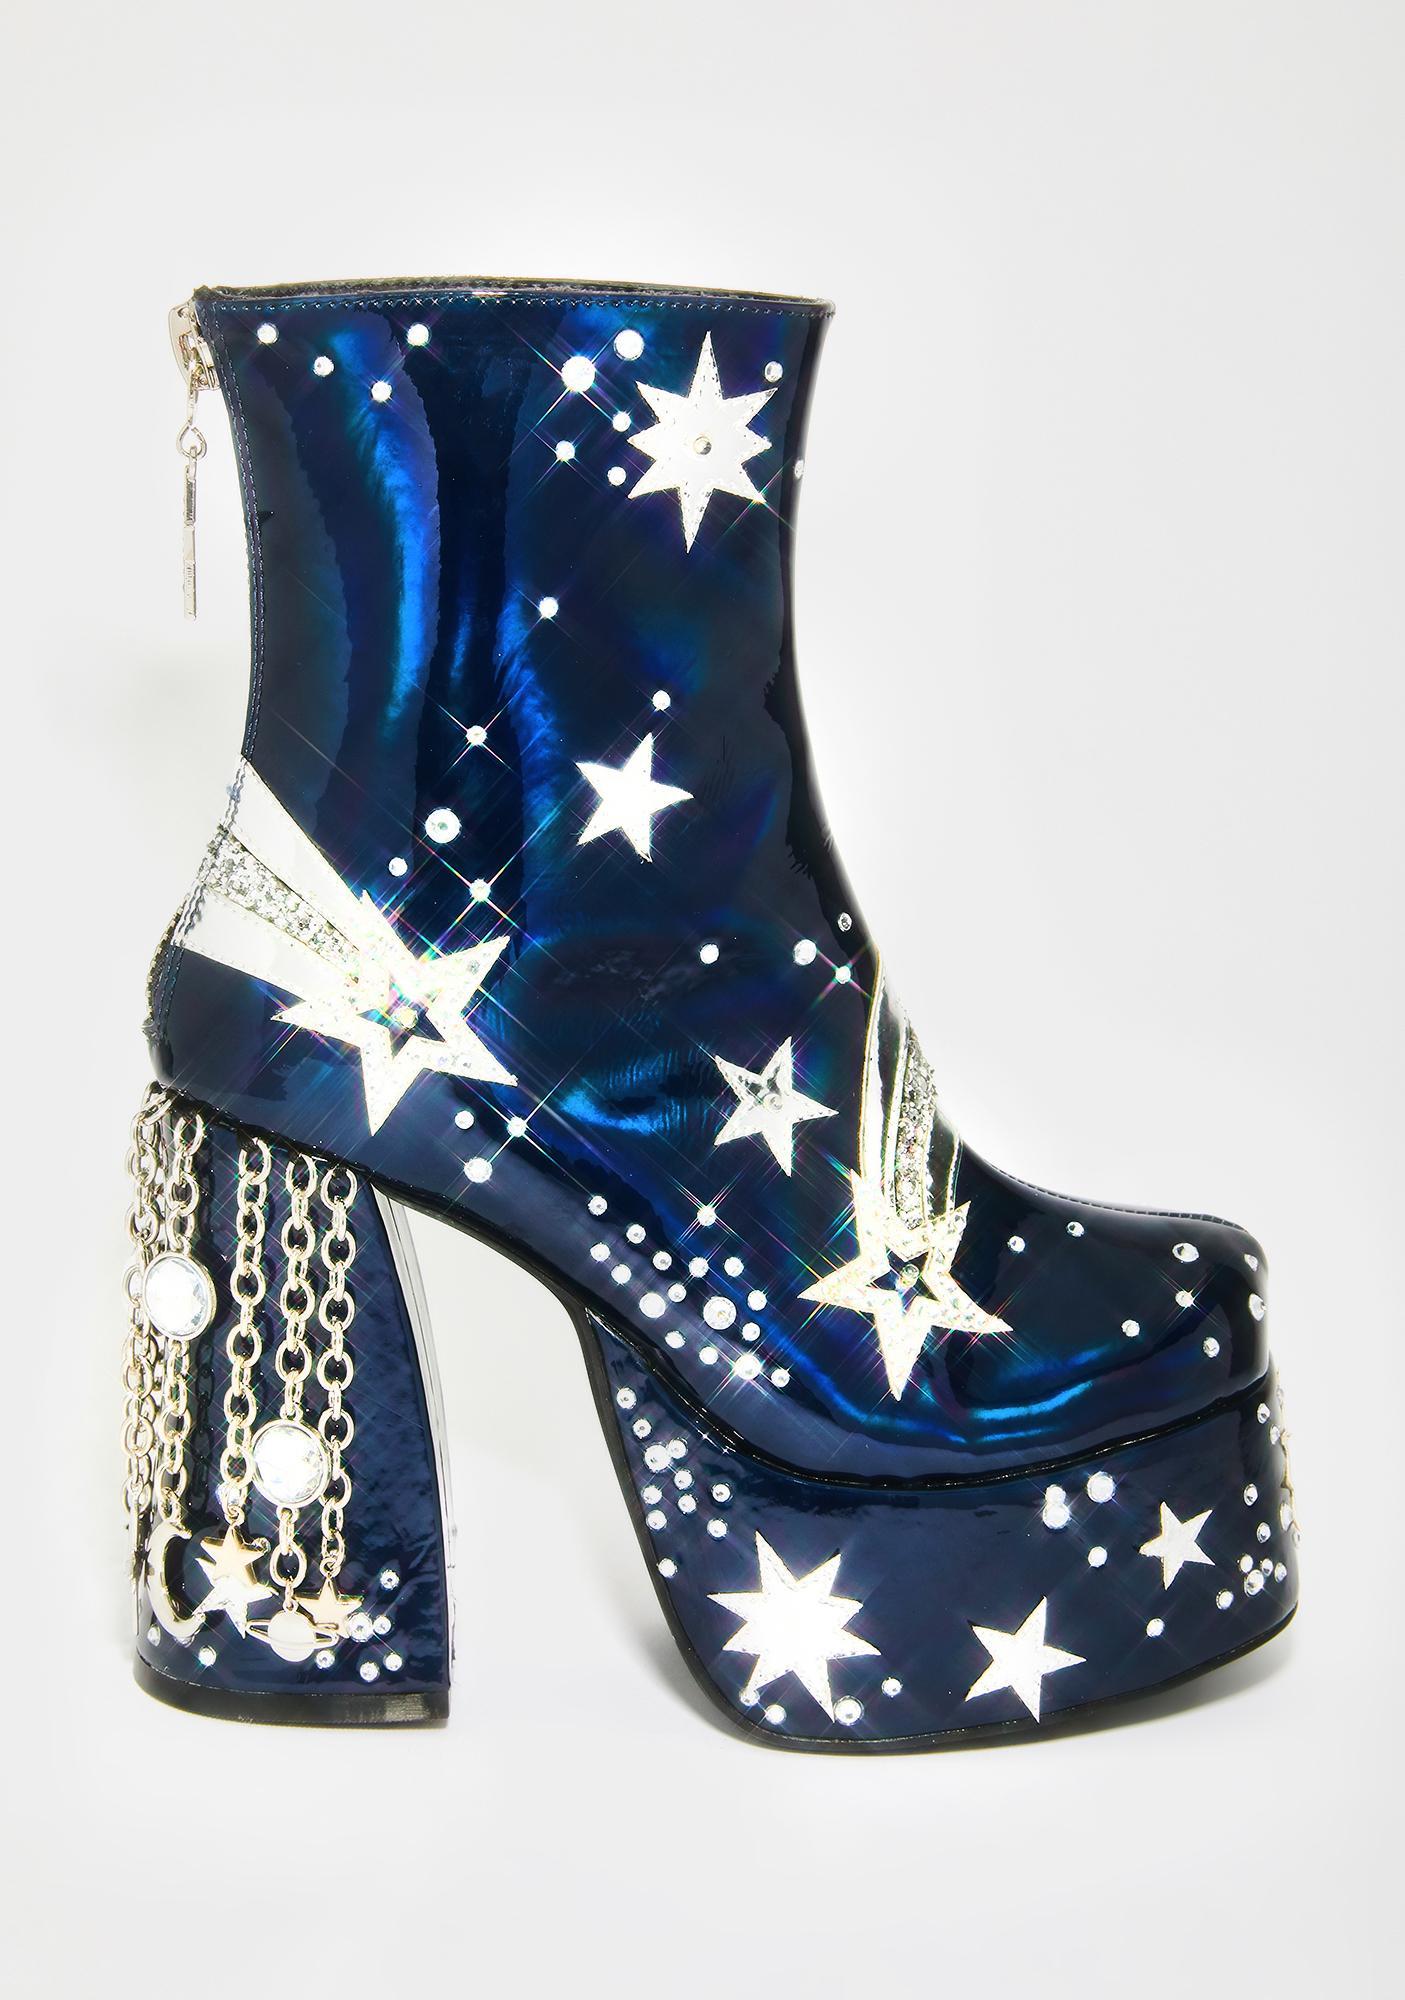 Current Mood Stardust Ascendence Platform Boots